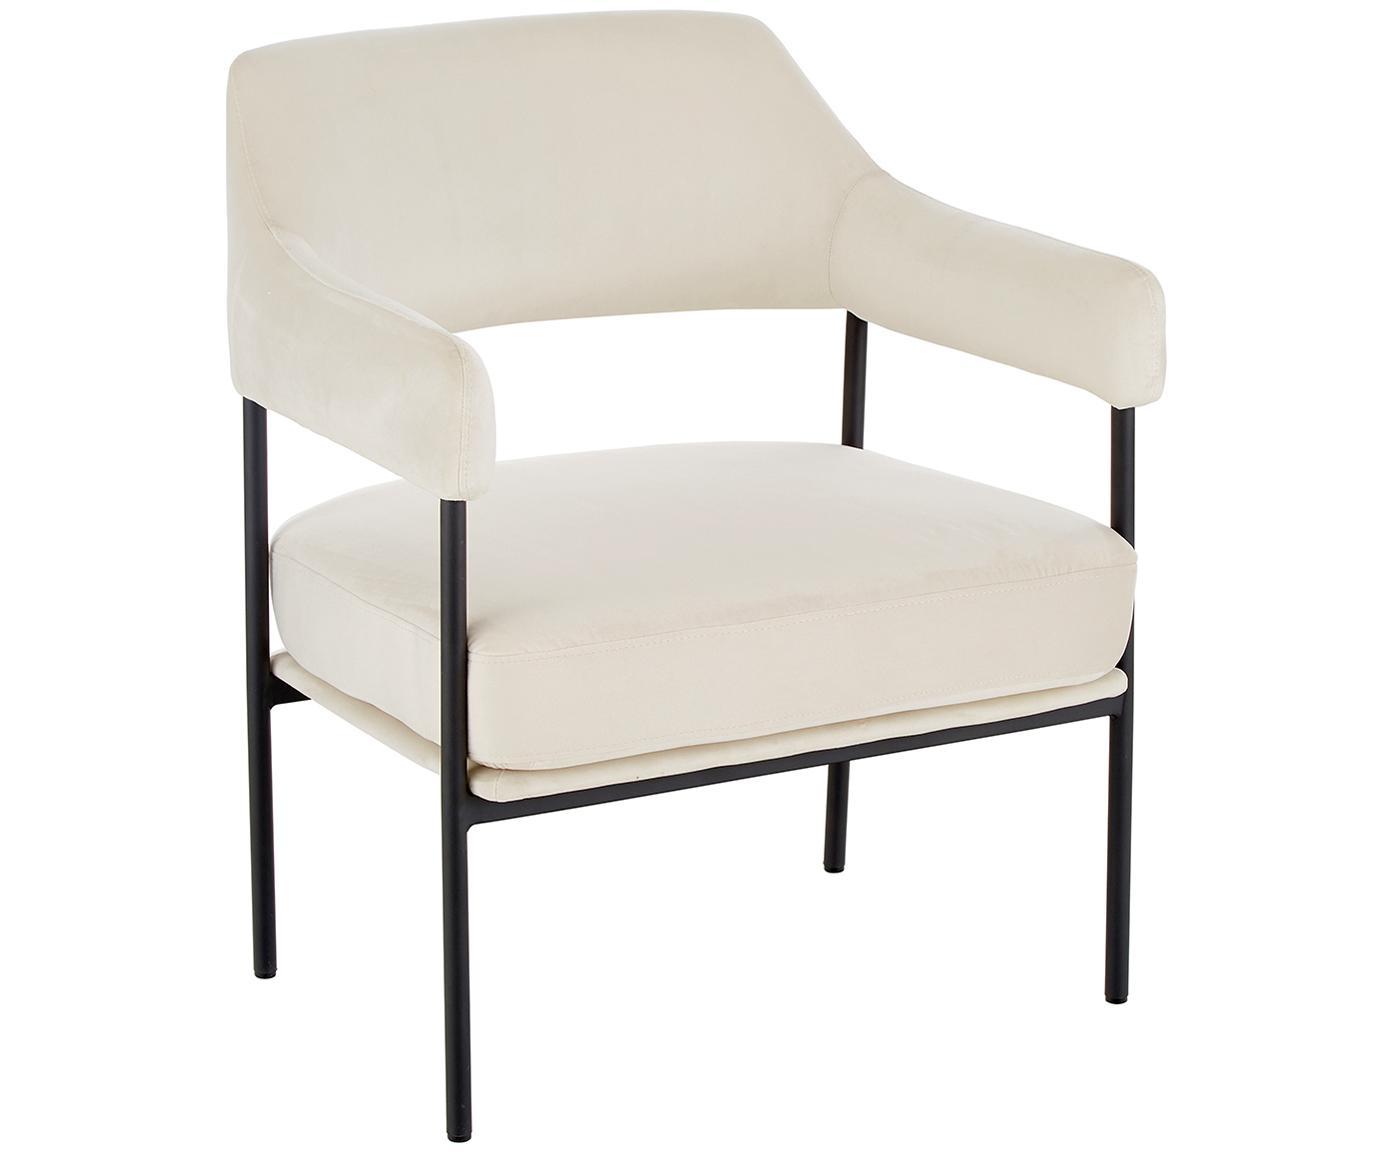 Sedia a poltrona in velluto Zoe, Rivestimento: velluto (poliestere) 50.0, Struttura: metallo verniciato a polv, Peluche bianco crema, Larg. 67 x Prof. 66 cm